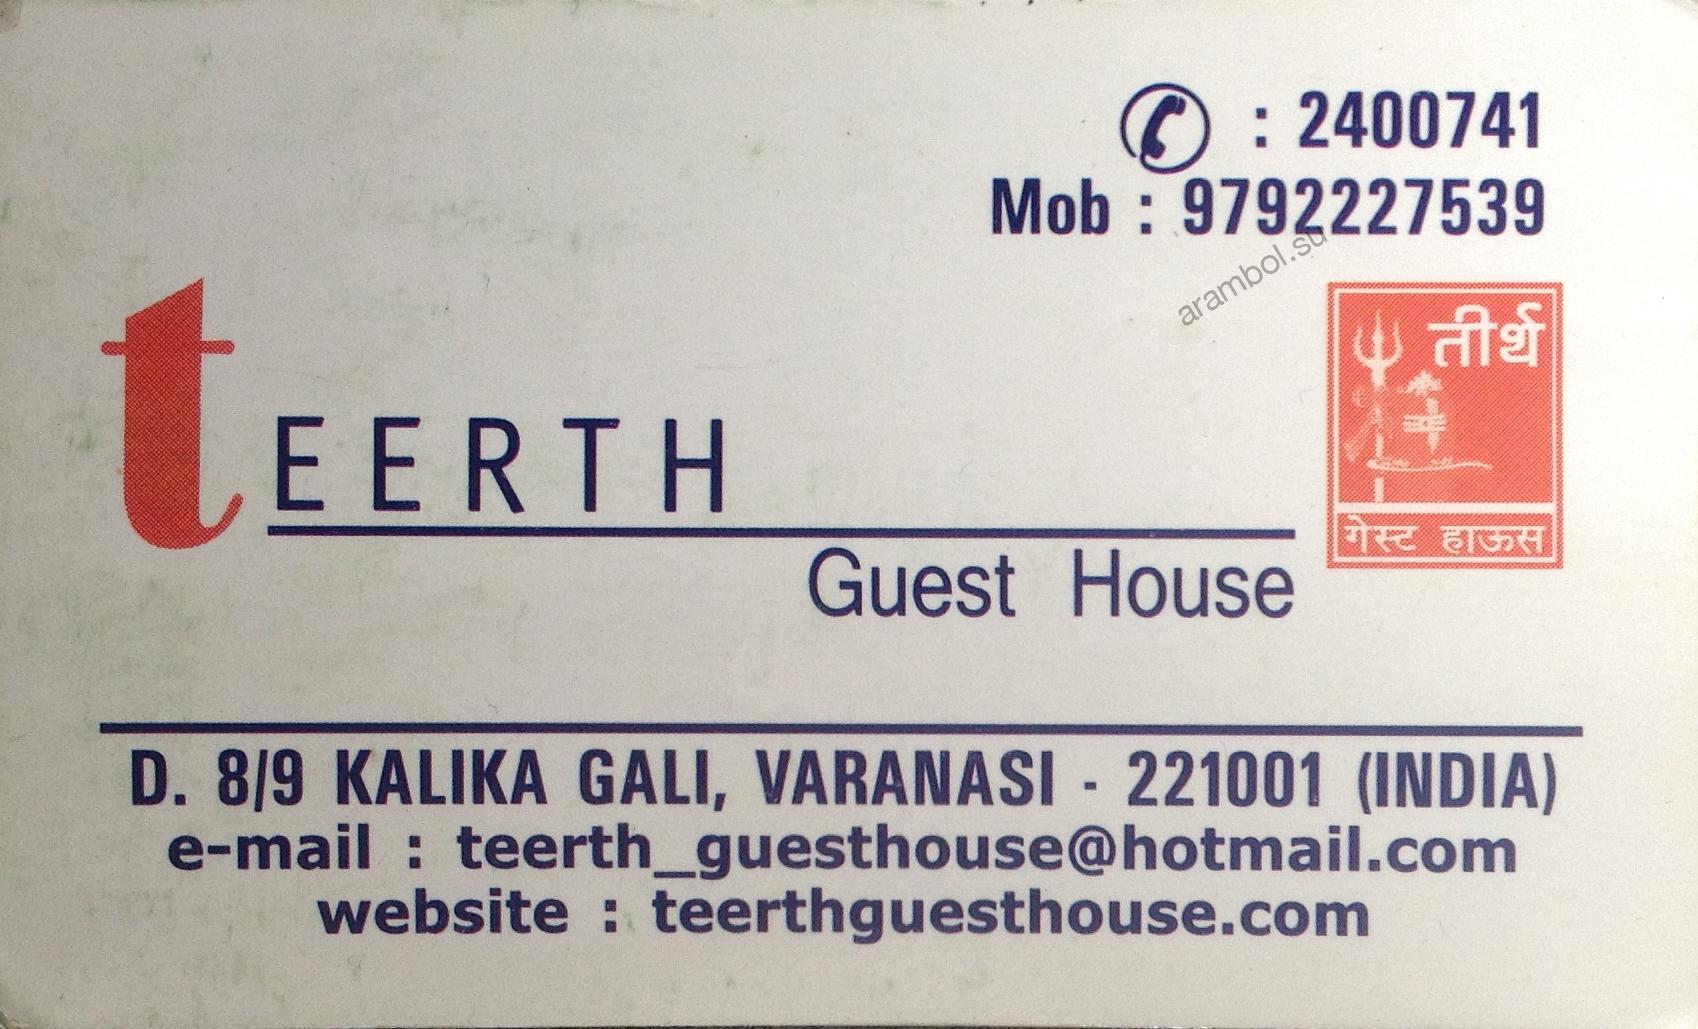 Гостиница в Варанаси, контакты для бронирования